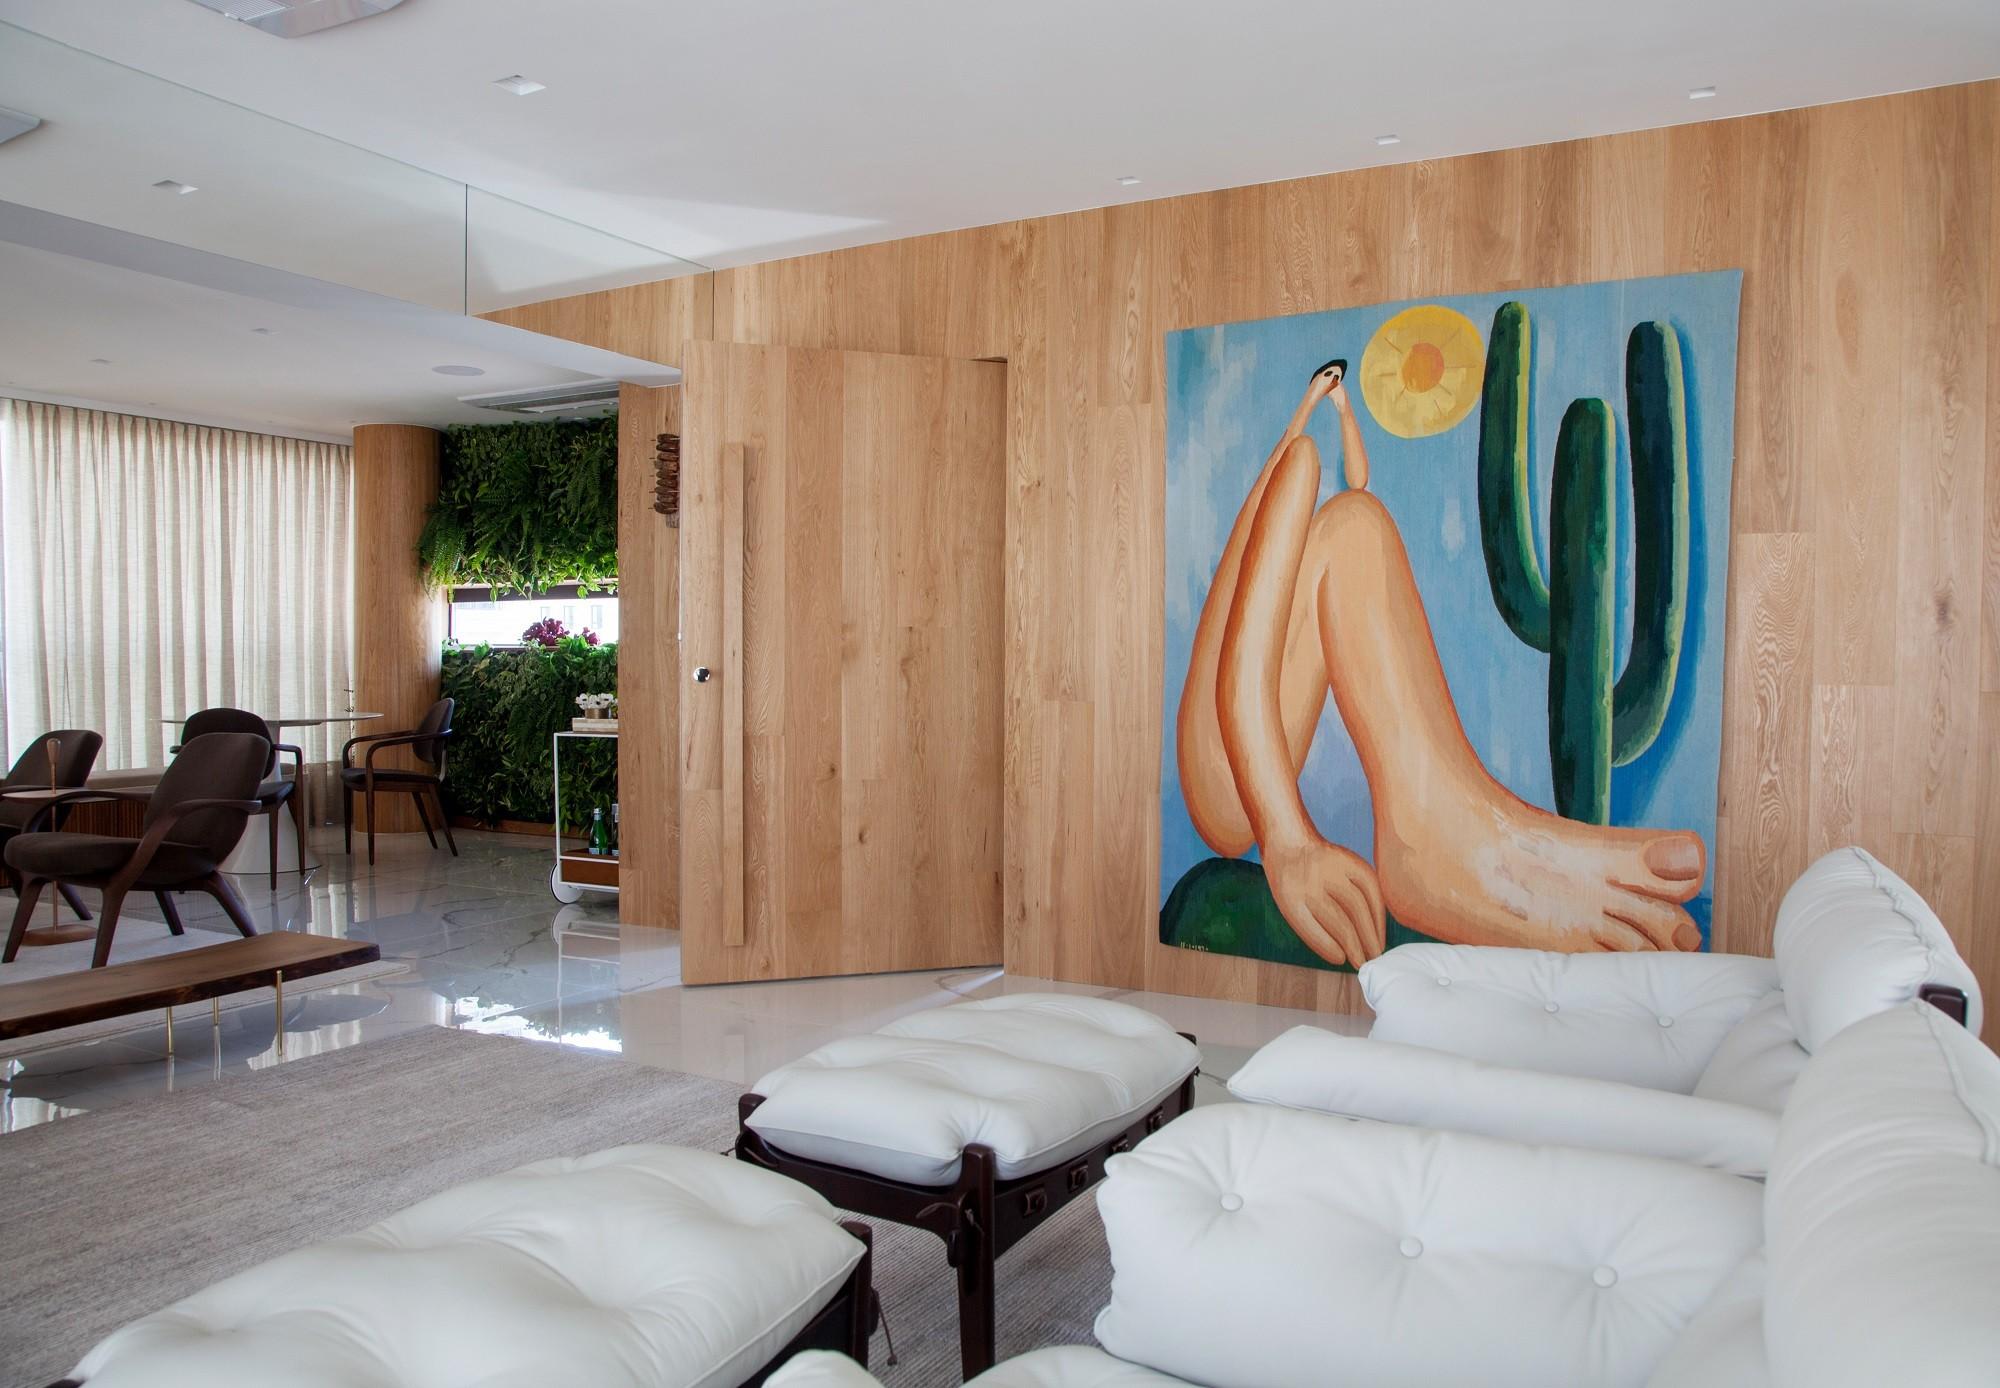 23 projetos incríveis com portas mimetizadas (Foto: Zé Gabriel Lindoso/Divulgação)